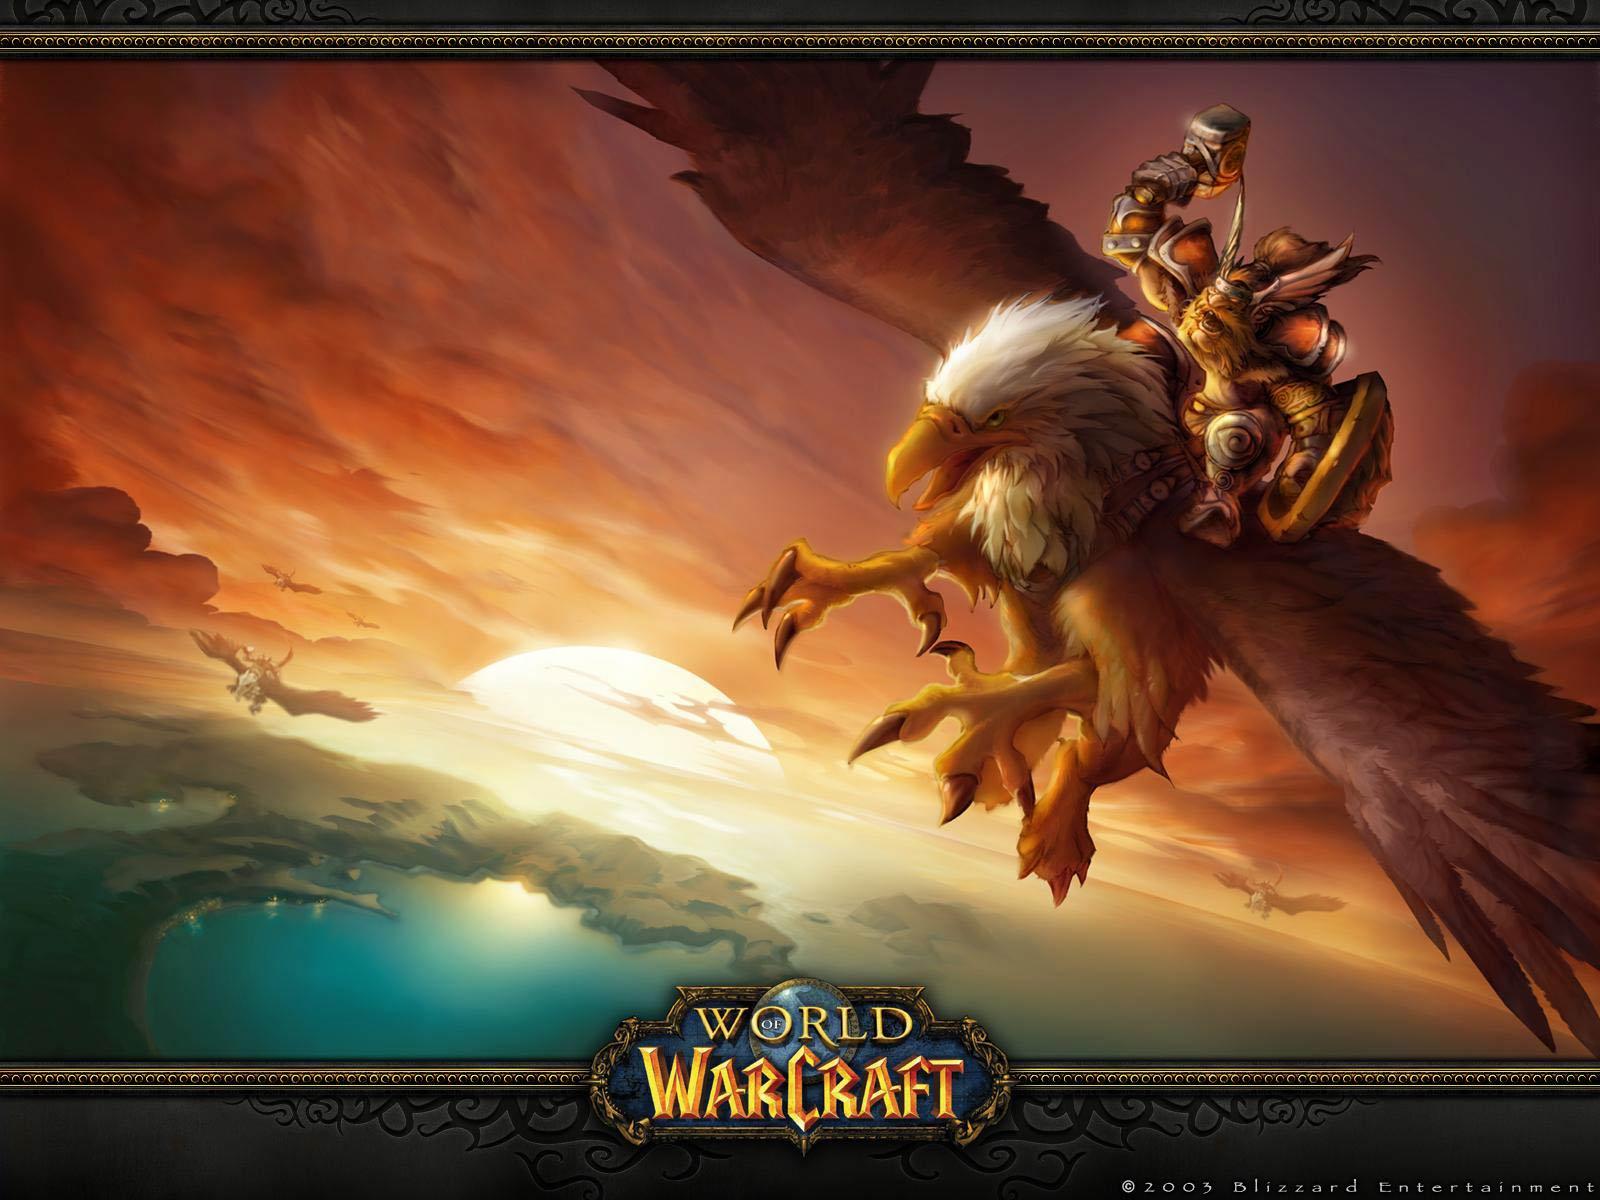 World Of Warcraft Desktop Wallpaper: Wallpaper Backgrounds: World Warcraft